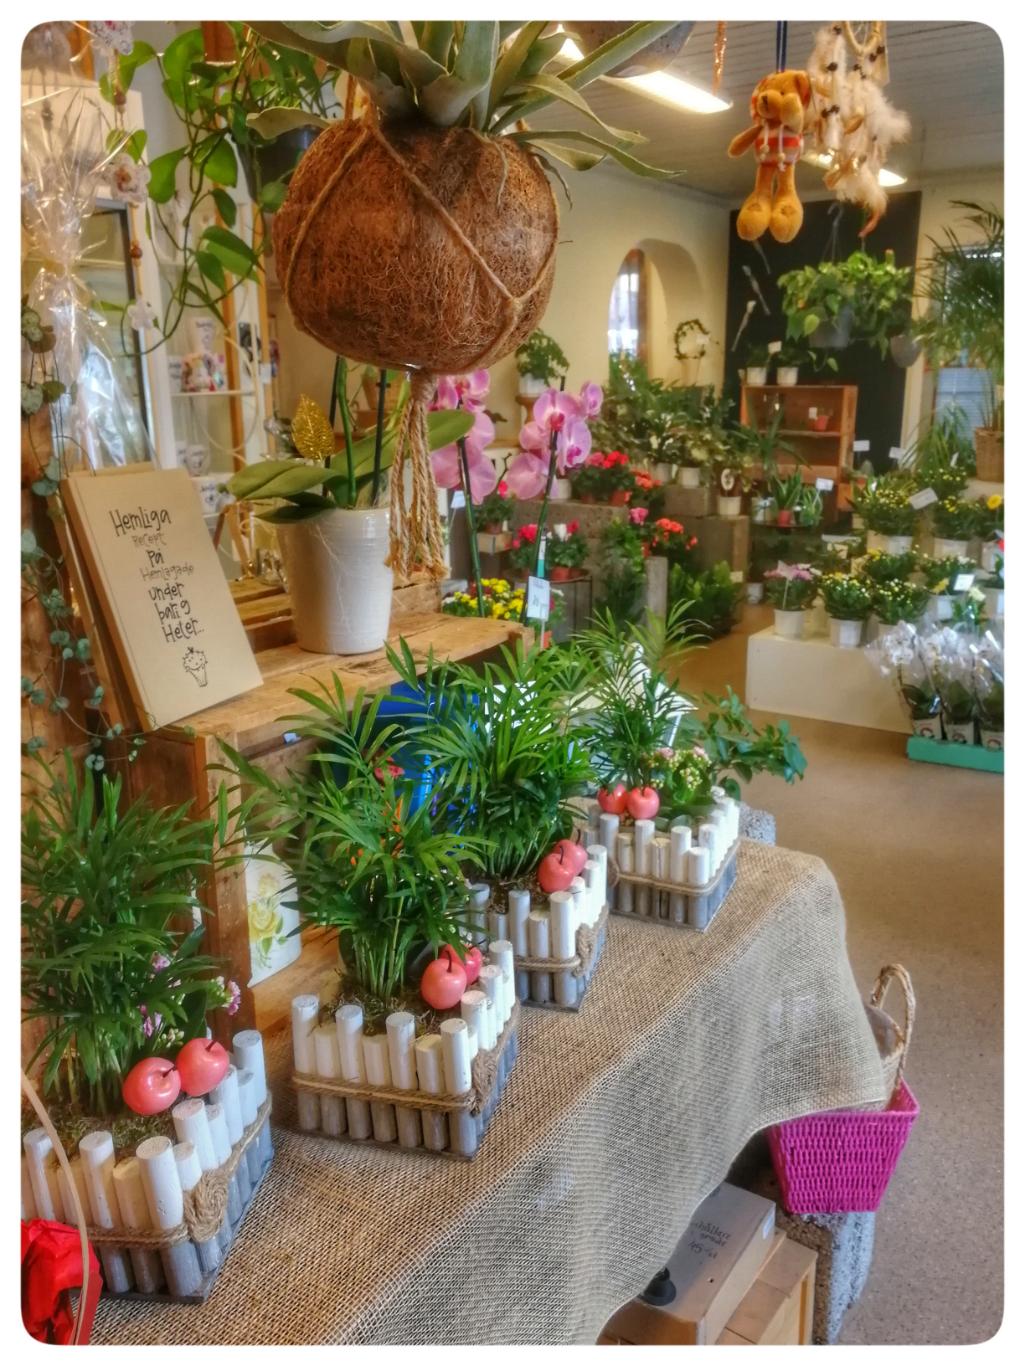 Junsele blomsterbutik.